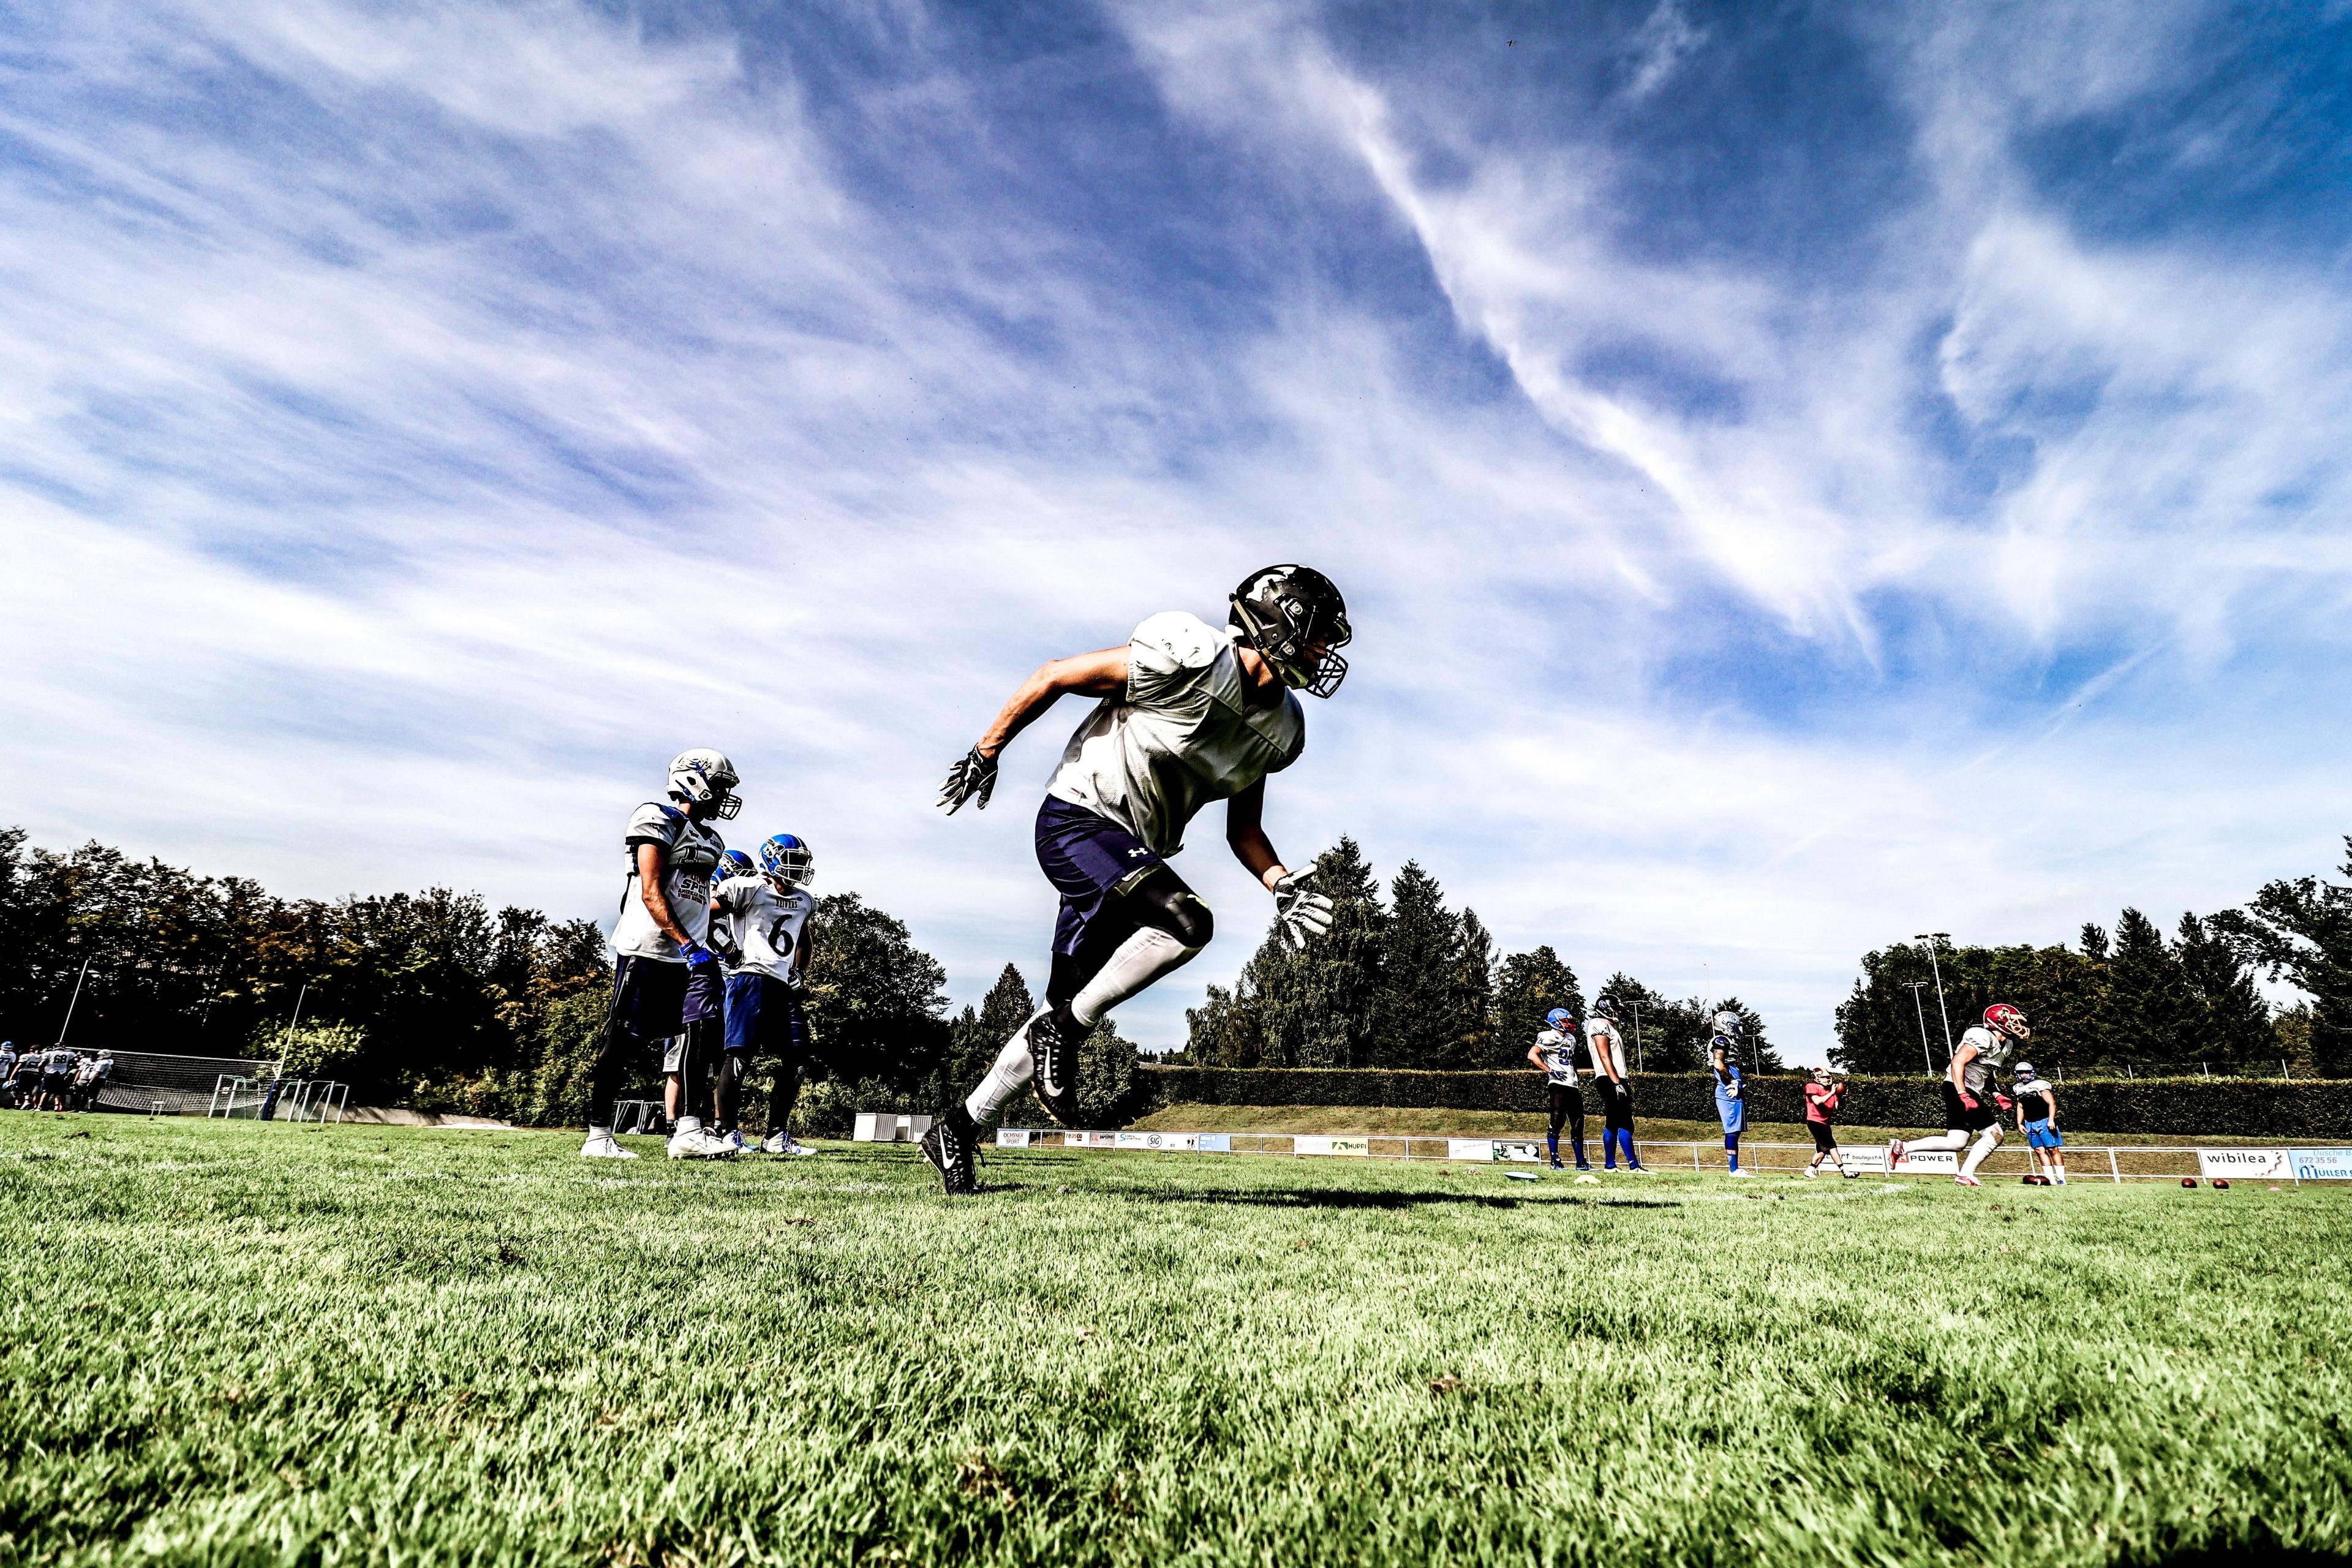 A Football player running